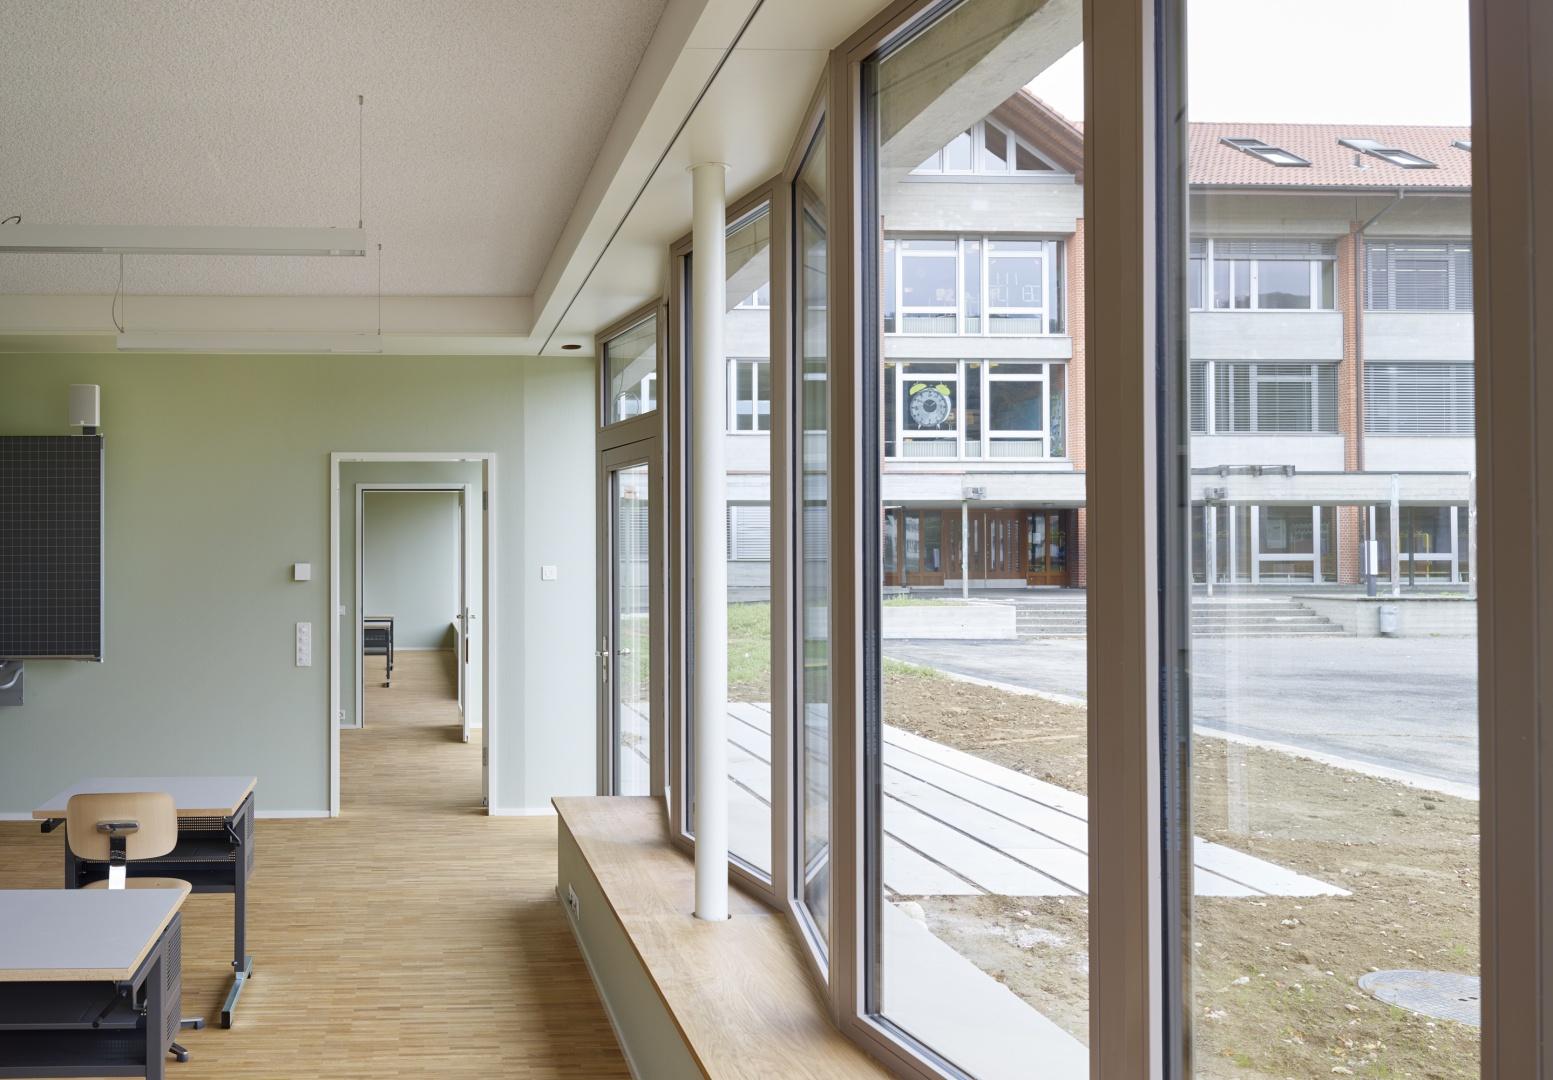 salle de classe, fenêtre © Michael Fritschi, foto-werk gmbh,  Klingelbergstrasse 97, 4056 Basel